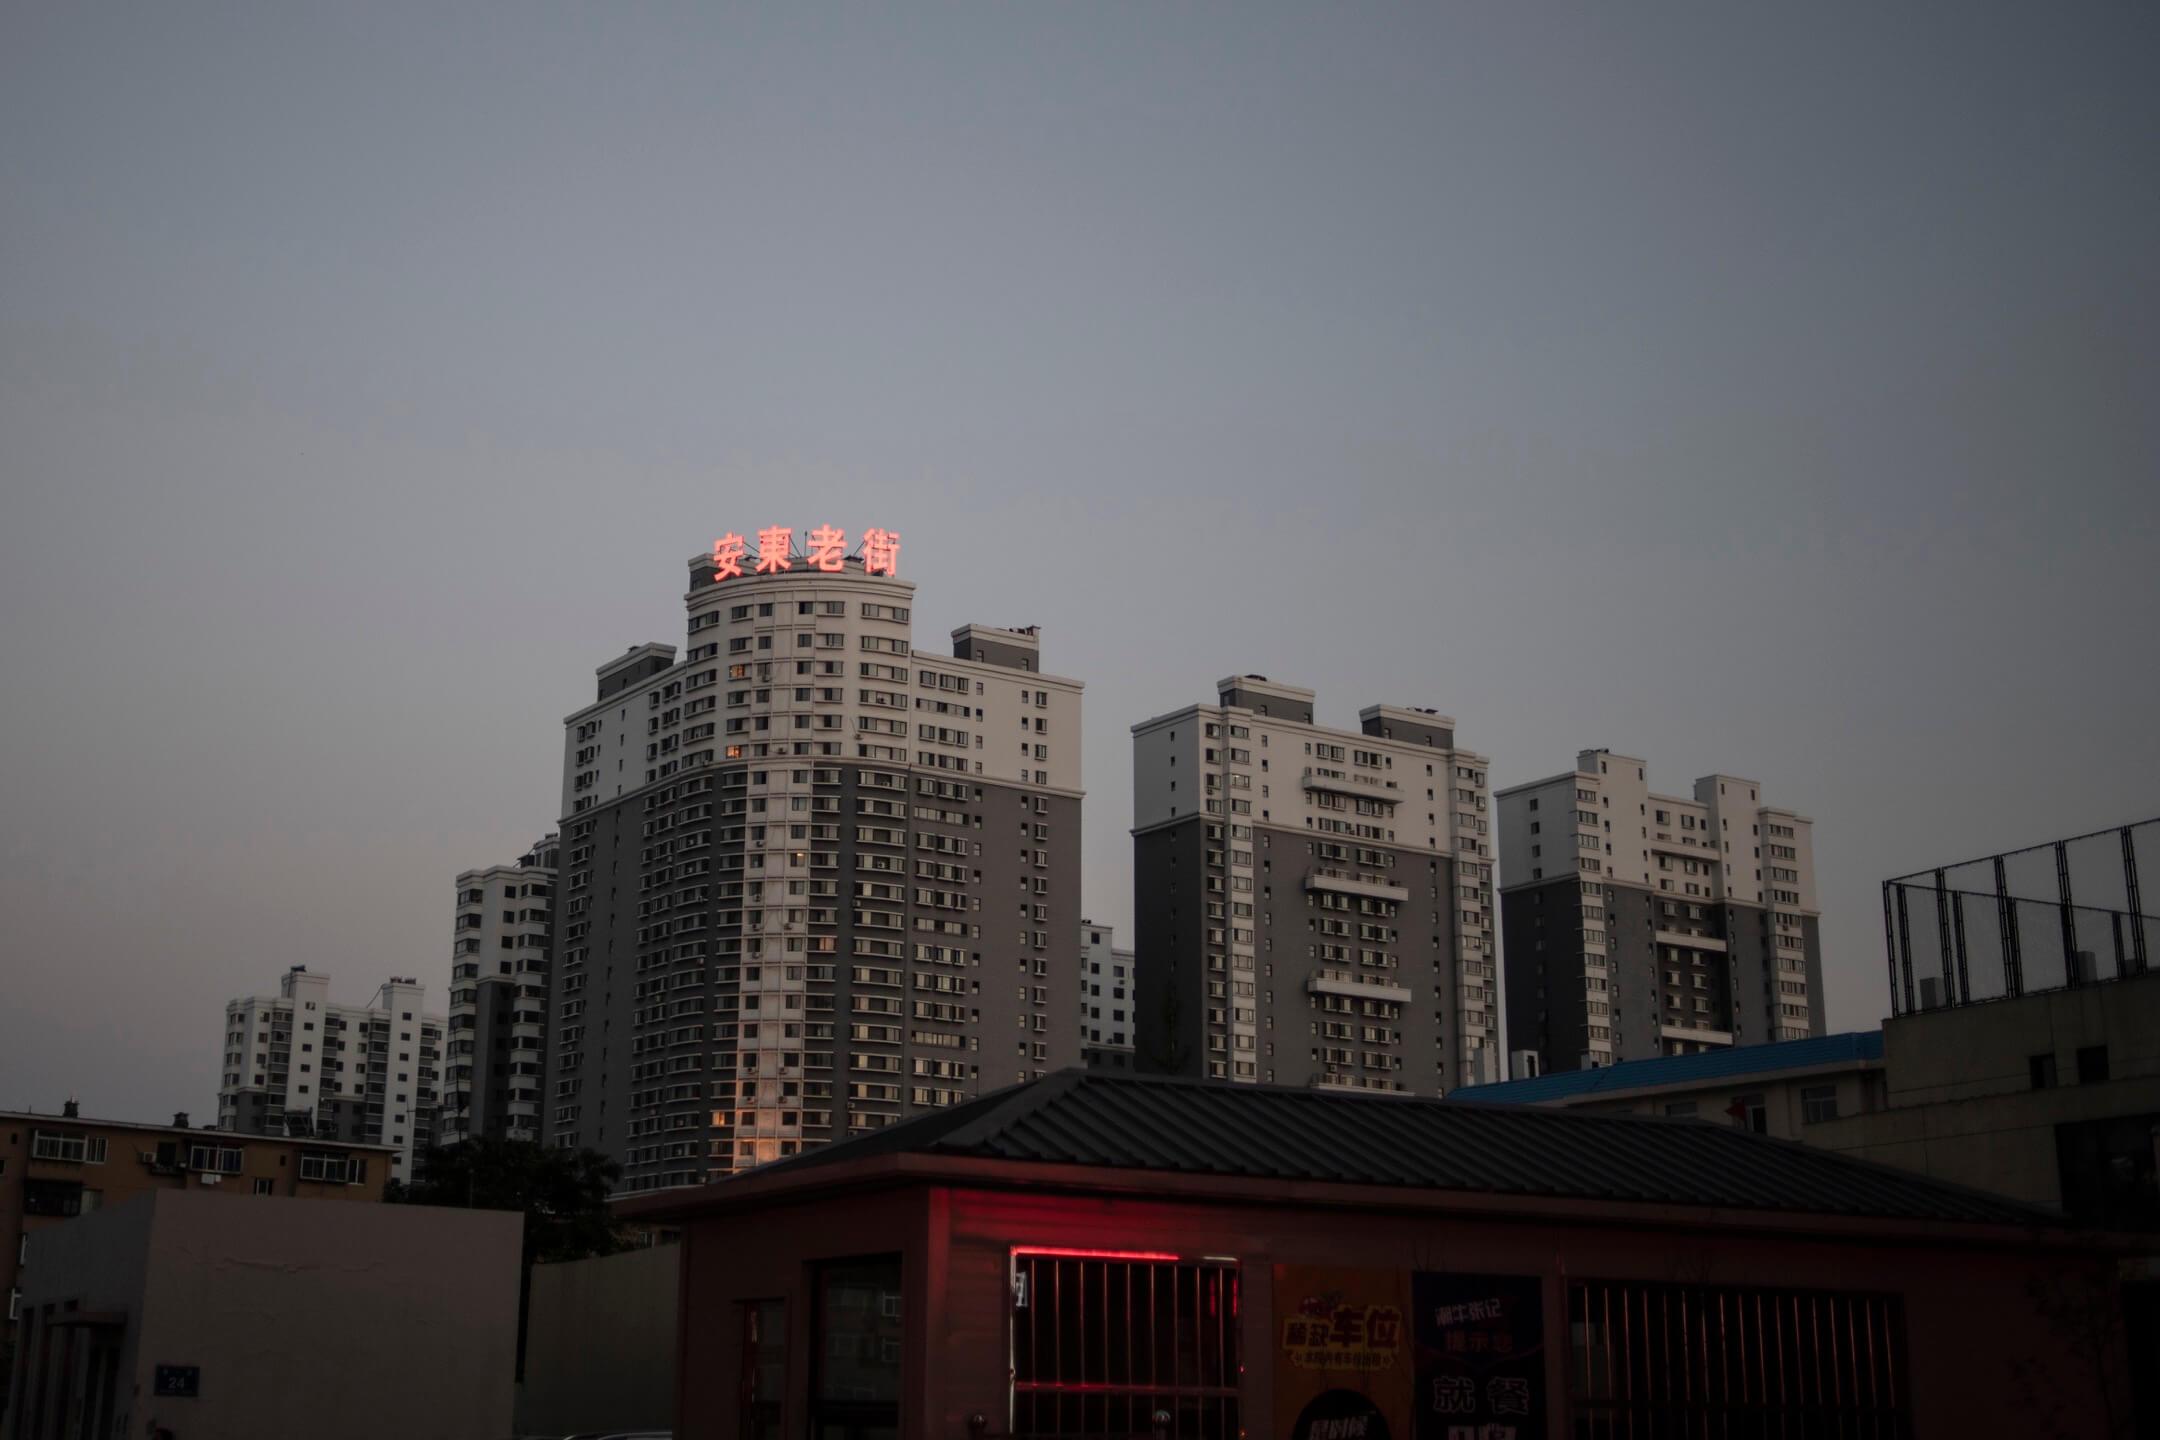 考慮到丹東在中朝貿易中扮演的重要角色與發展潛力,中國的許多對朝經濟開發計劃與投資都在此選址。帶着「丹東必成為朝鮮第一個開放口岸」這一經不起推敲的信心,丹東繼續聚攏着來自各地的伺機者。圖為丹東的一個住宅物業項目。 攝:Fred Dufour/AFP/Getty Images